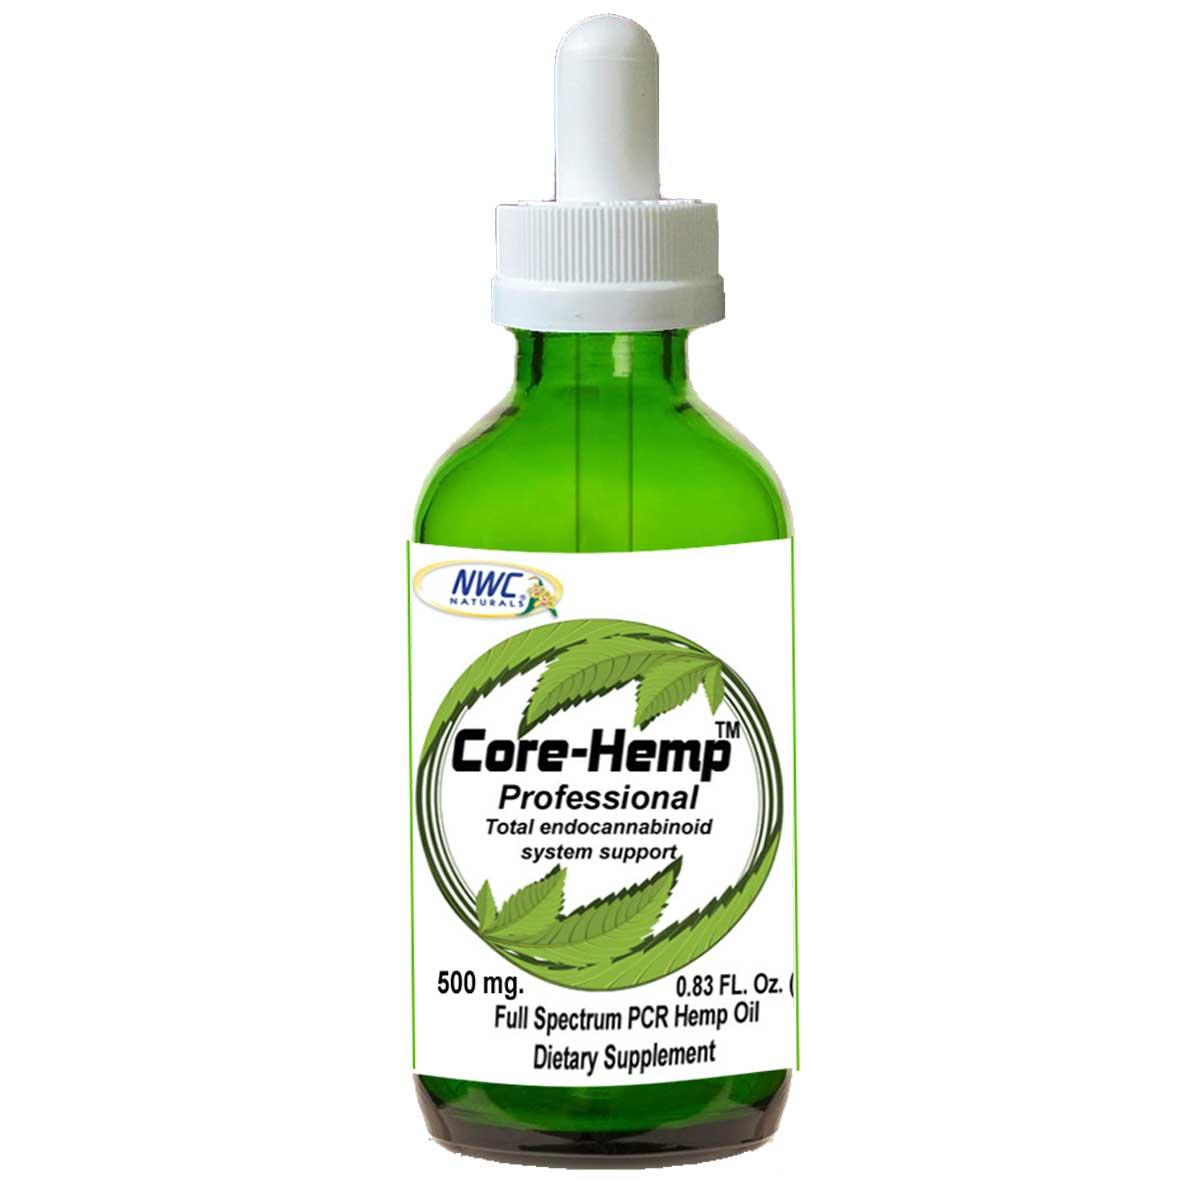 core-hemp